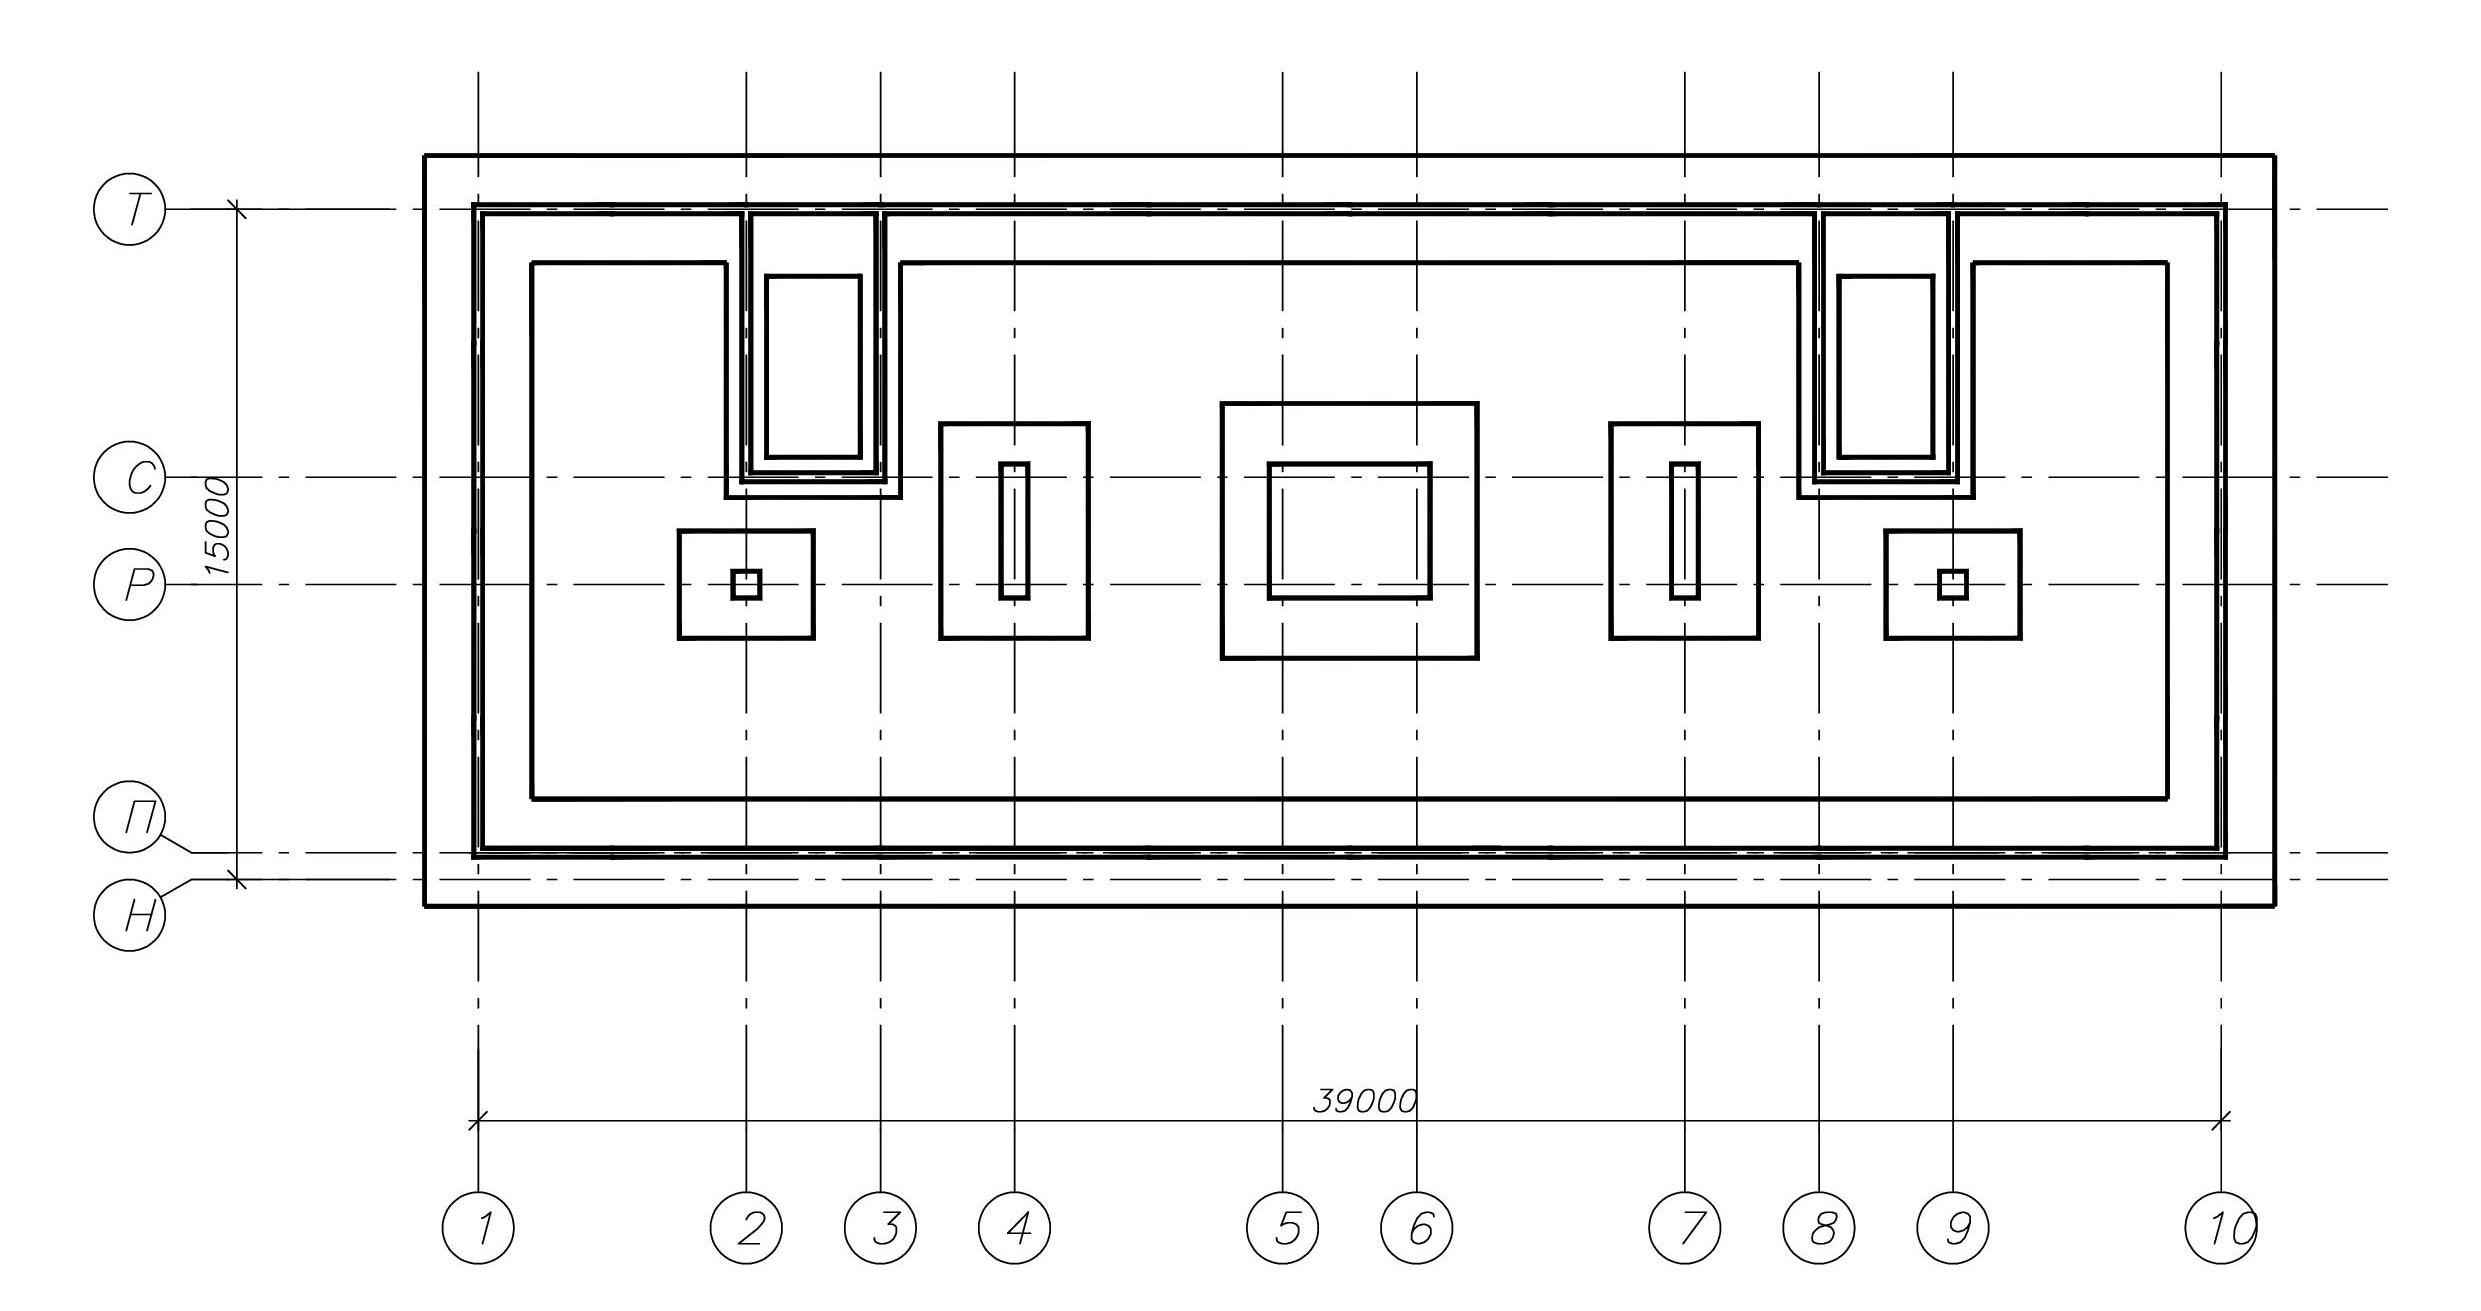 План ленточных и столбчатых фундаментов полученный в результате расчета по ФОК-Комплекс.